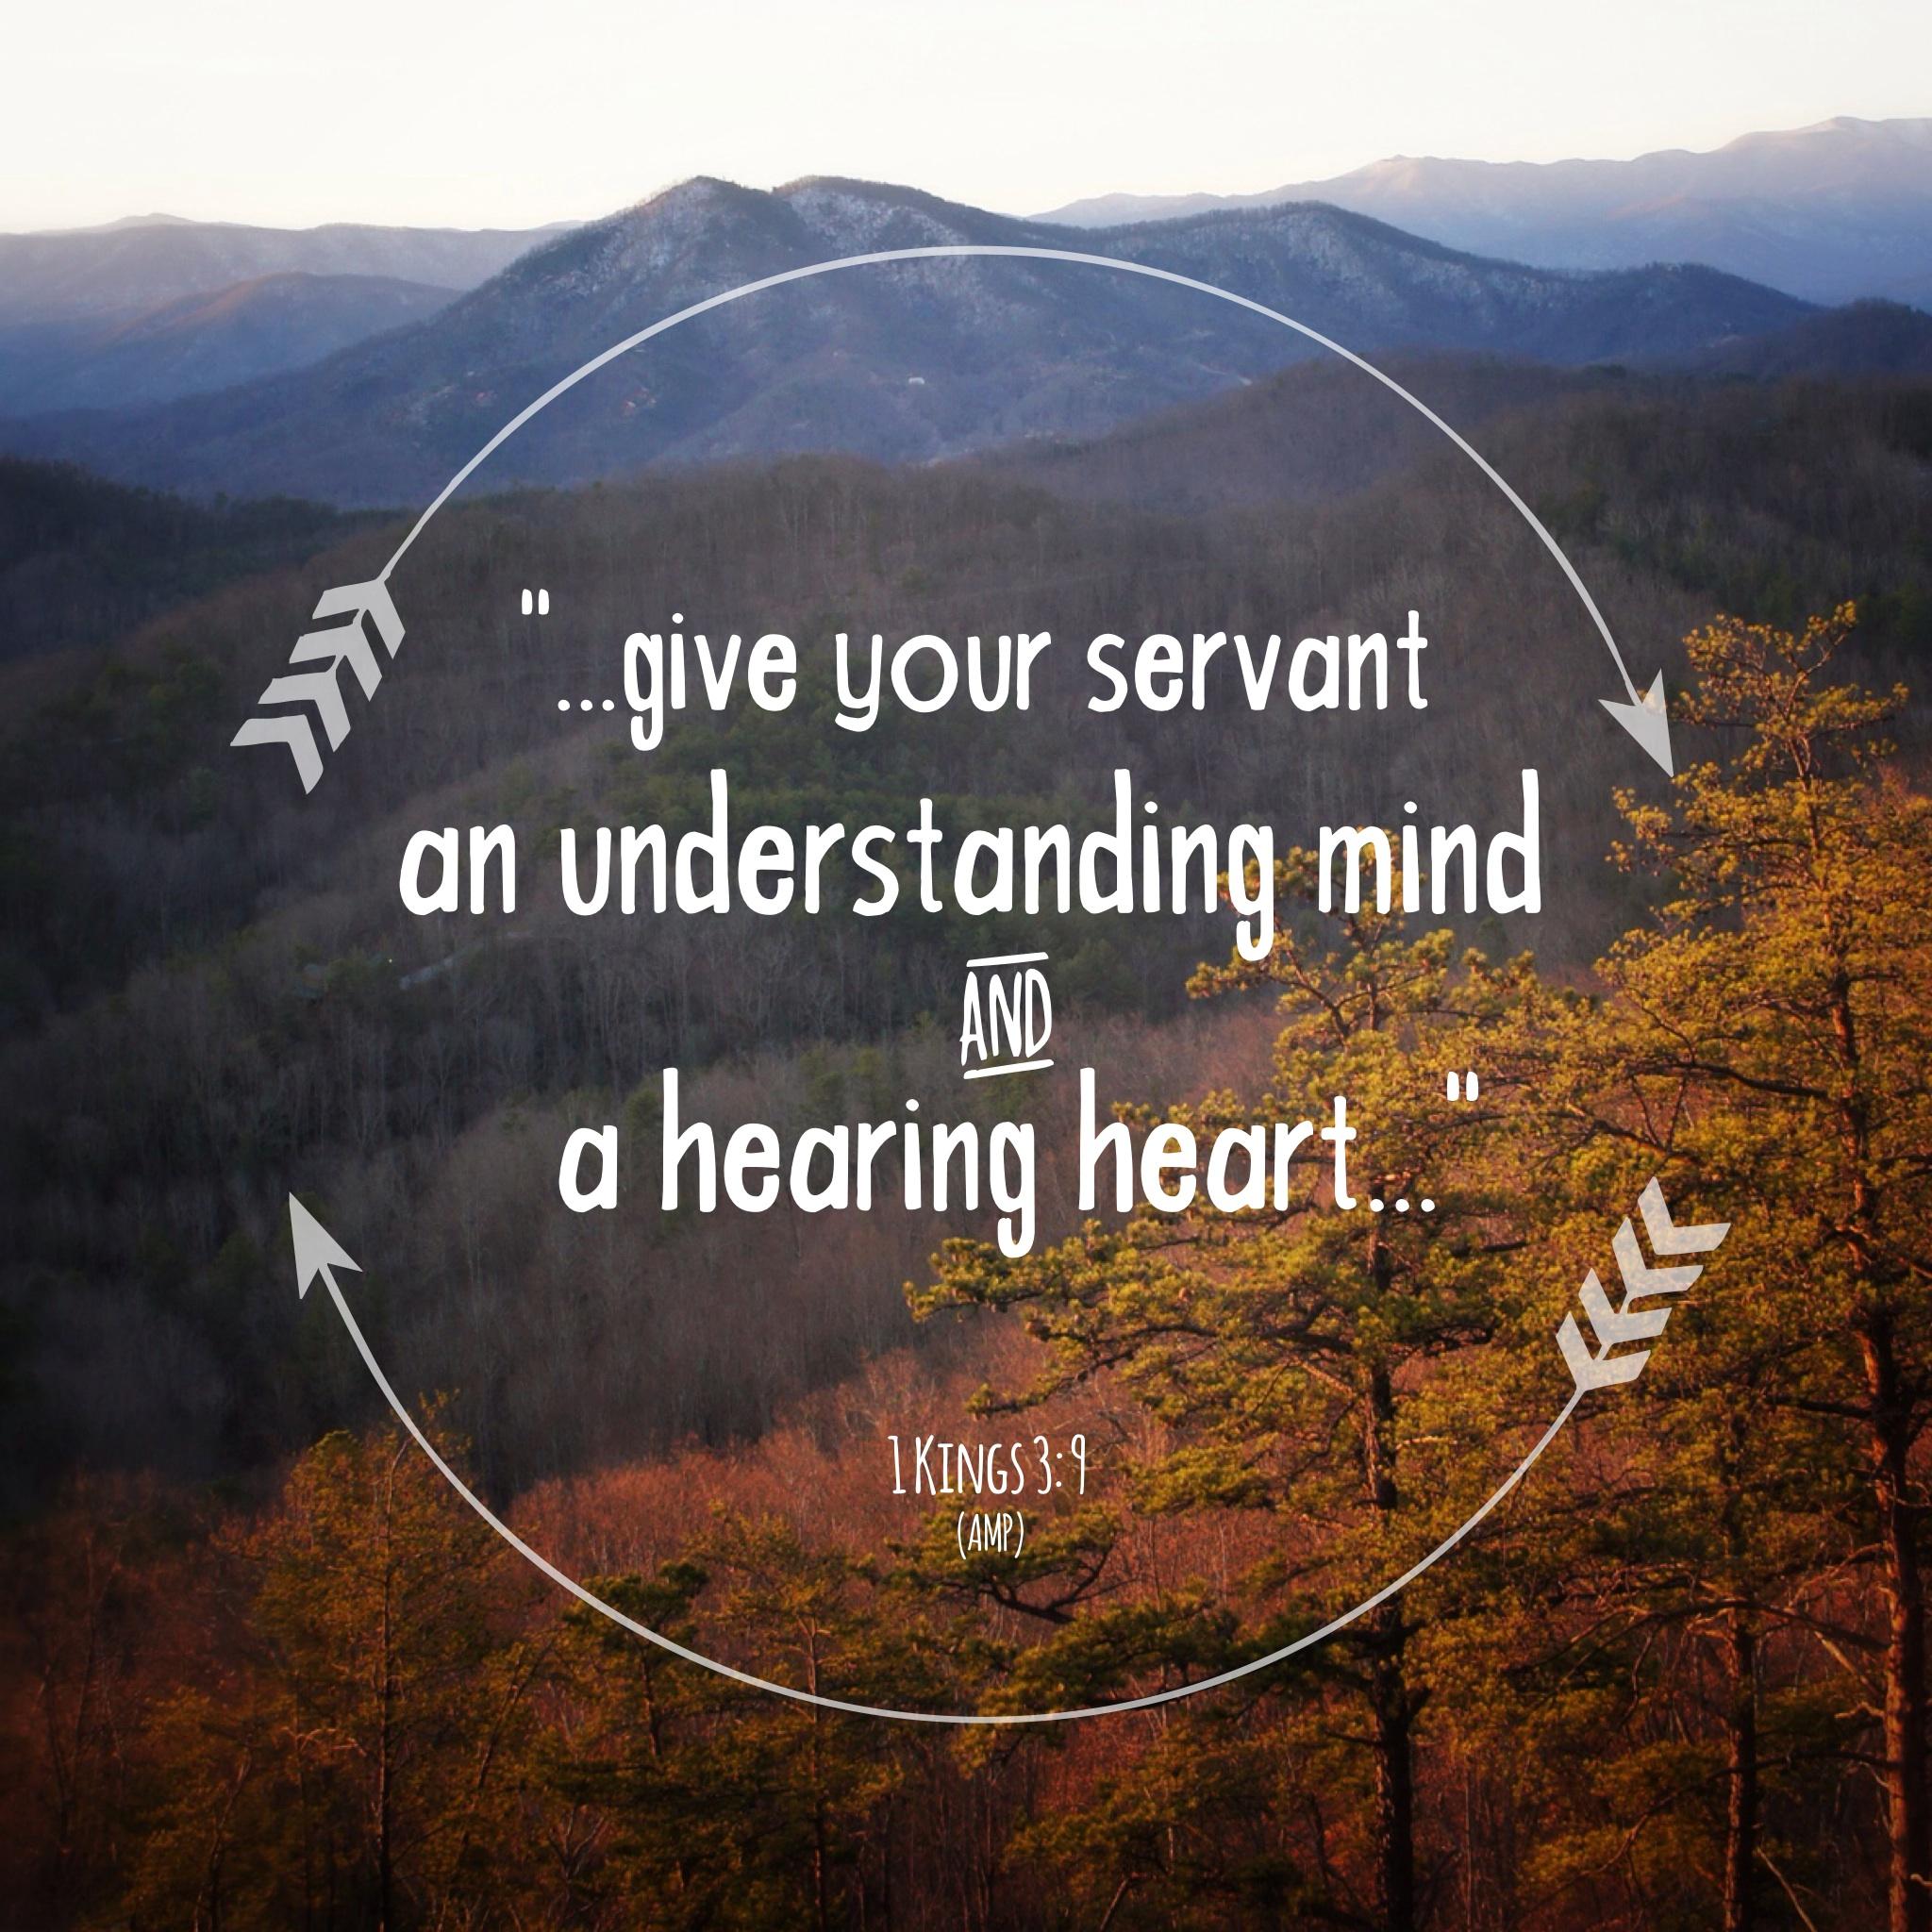 1 Kings 3:9